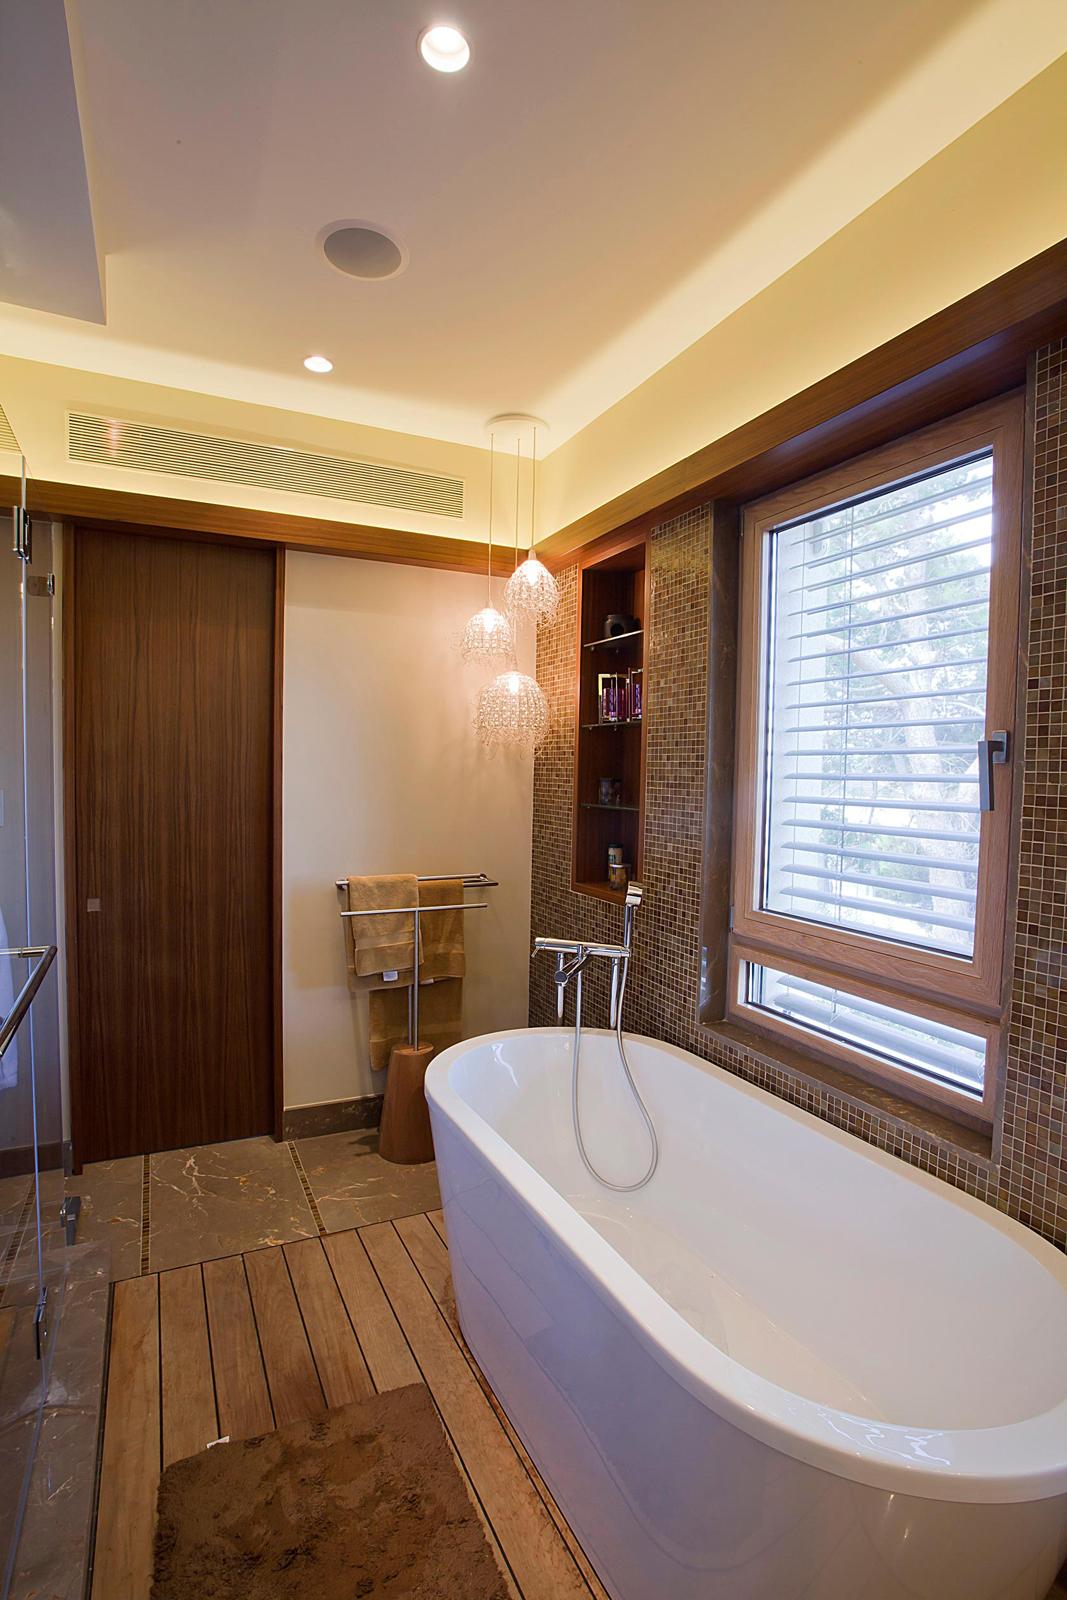 ארון כיור אמבטיה עץ פורניר טיק  דלתות מראה ידית אינטגרלית קרניז תאורה-min